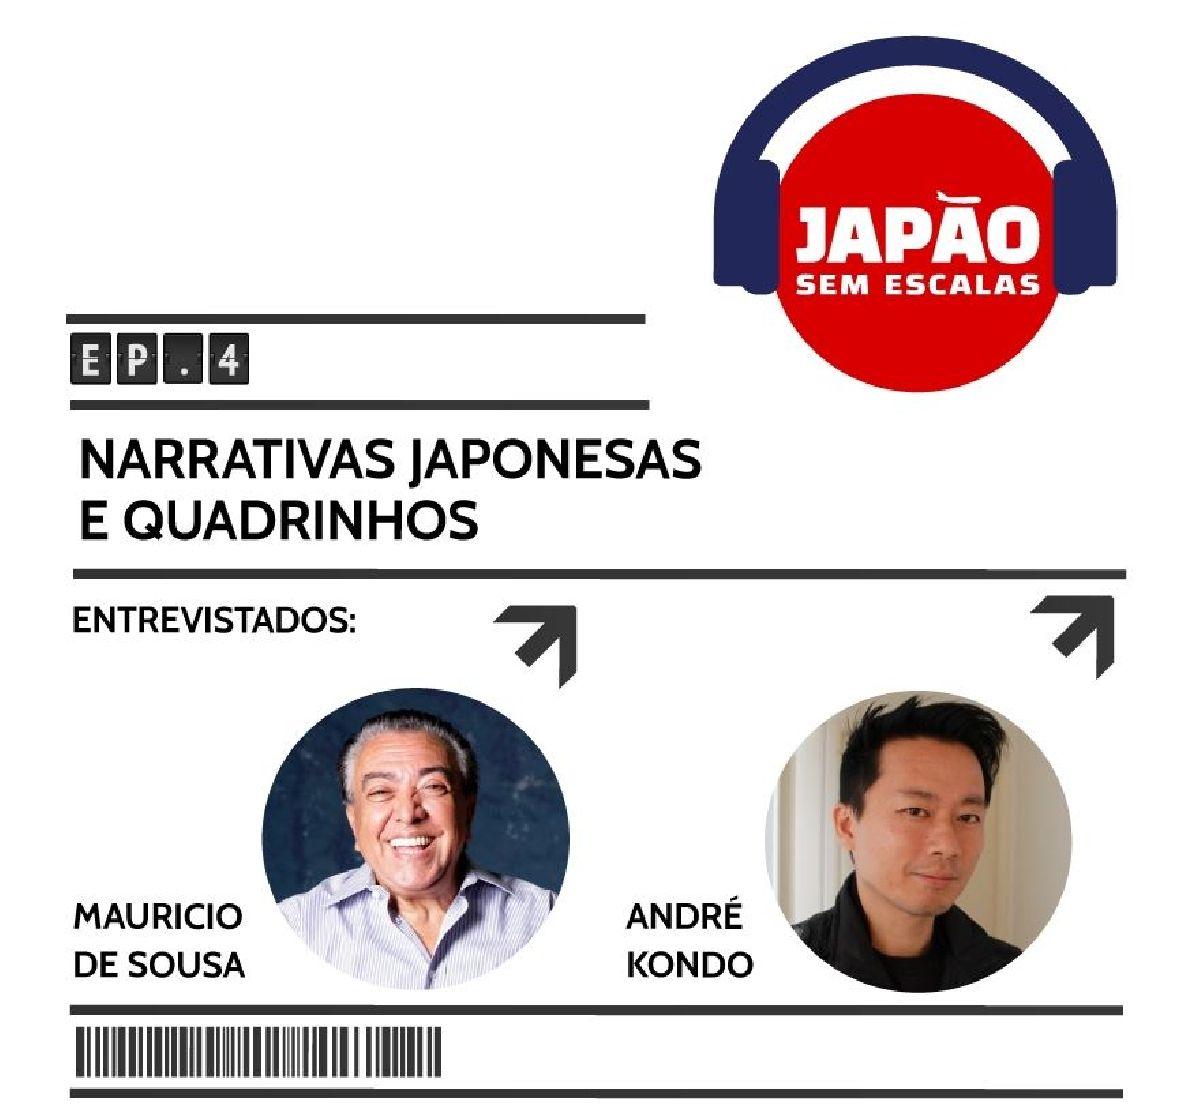 MAURICIO DE SOUSA E ANDRÉ KONDO FALAM SOBRE NARRATIVAS JAPONESAS E QUADRINHOS EM NOVO EPISÓDIO DO PODCAST JAPÃO SEM ESCALAS